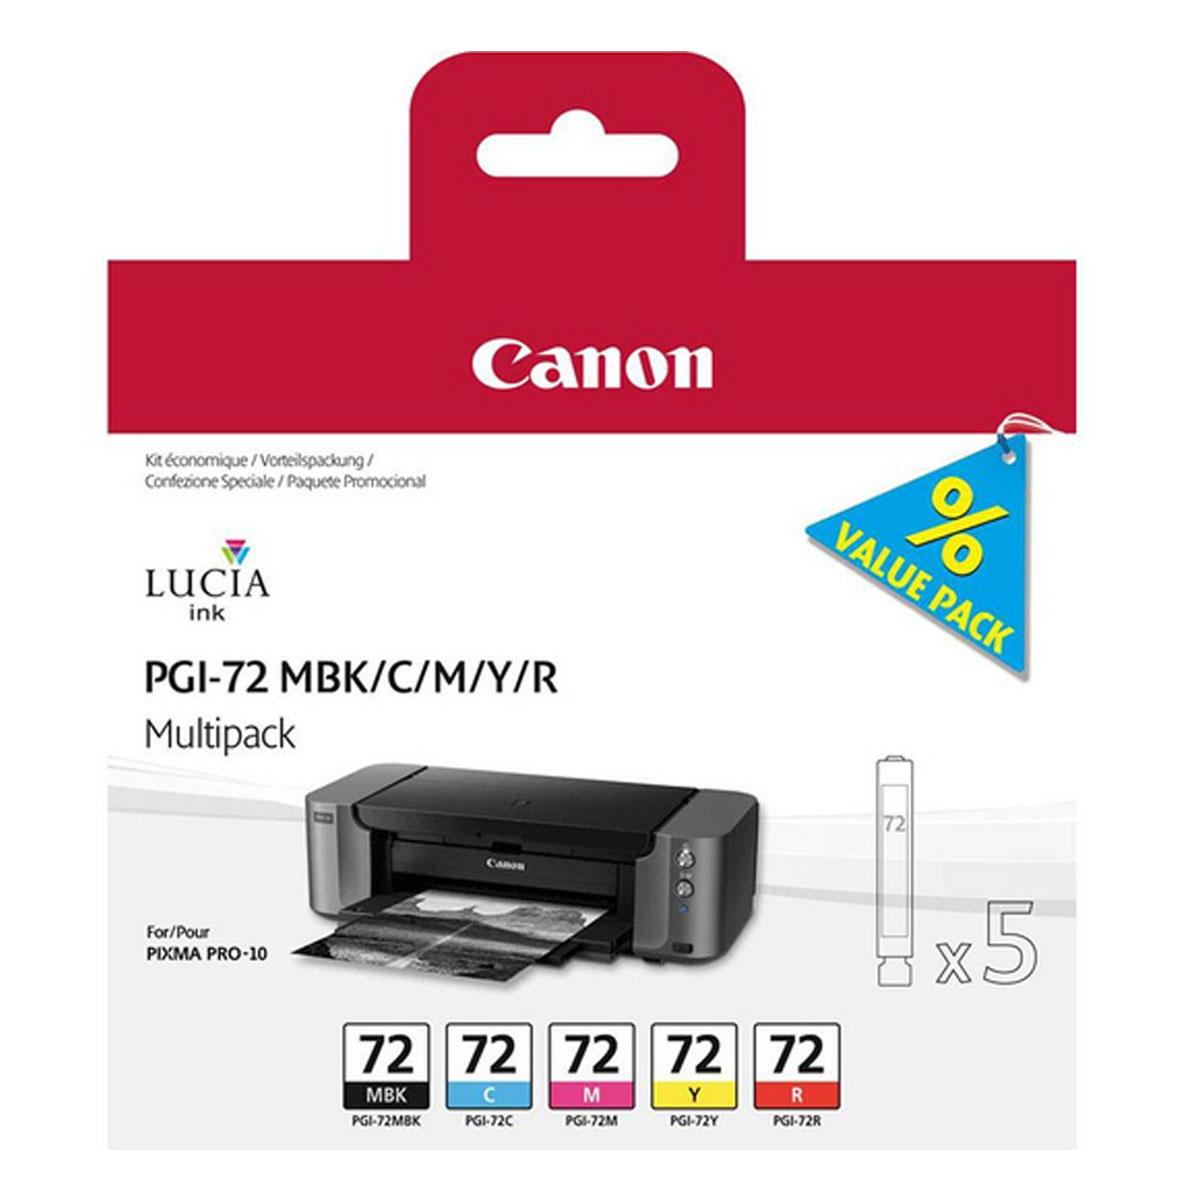 canon pgi 72 mbk c m y r cartouche imprimante canon sur. Black Bedroom Furniture Sets. Home Design Ideas